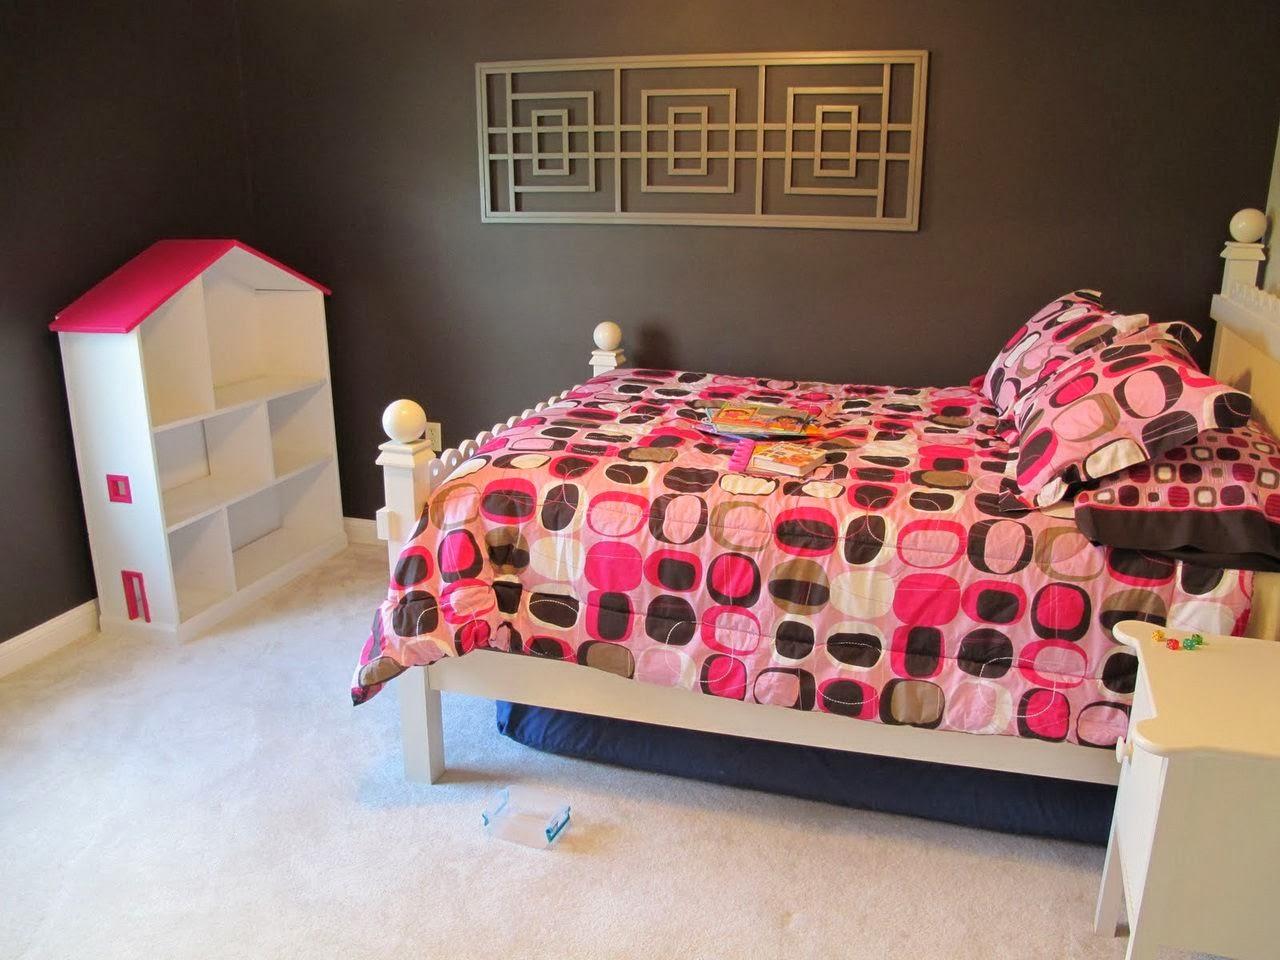 Pink bed sheet design - Pink Bedding For A Big Or Little Girls Bedroom